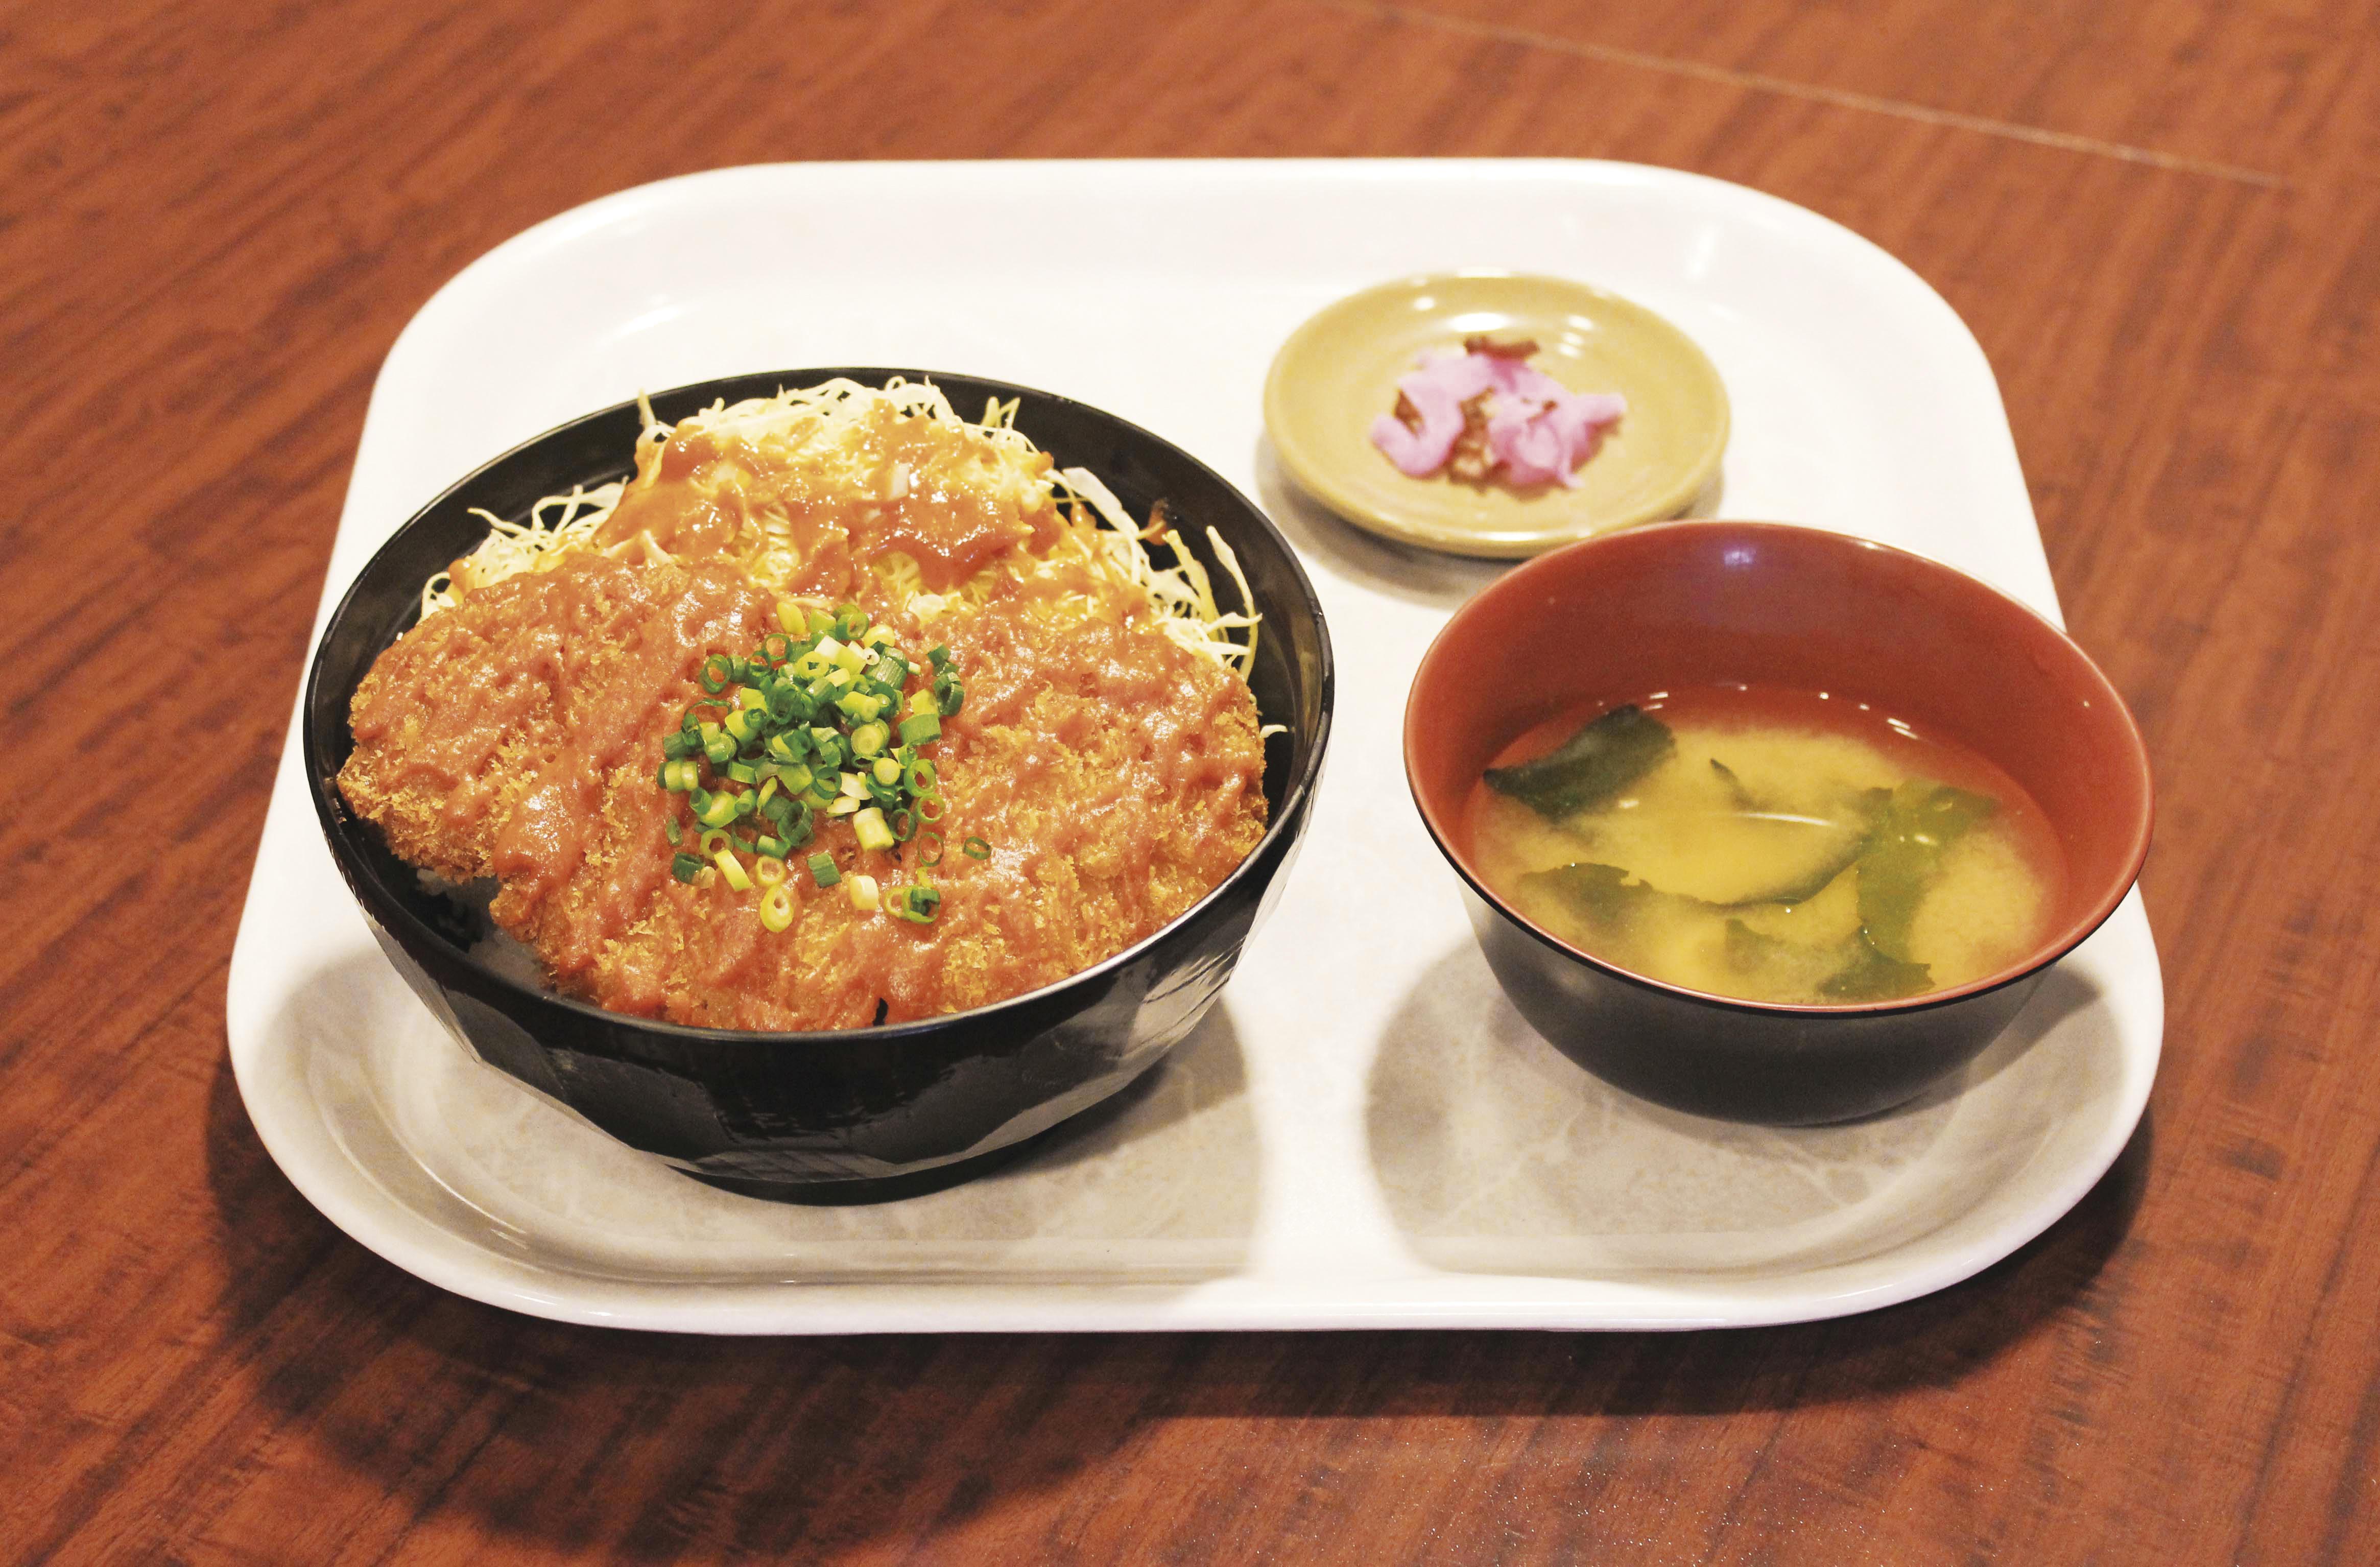 第2位「東松山味噌かつ丼」のイメージ画像